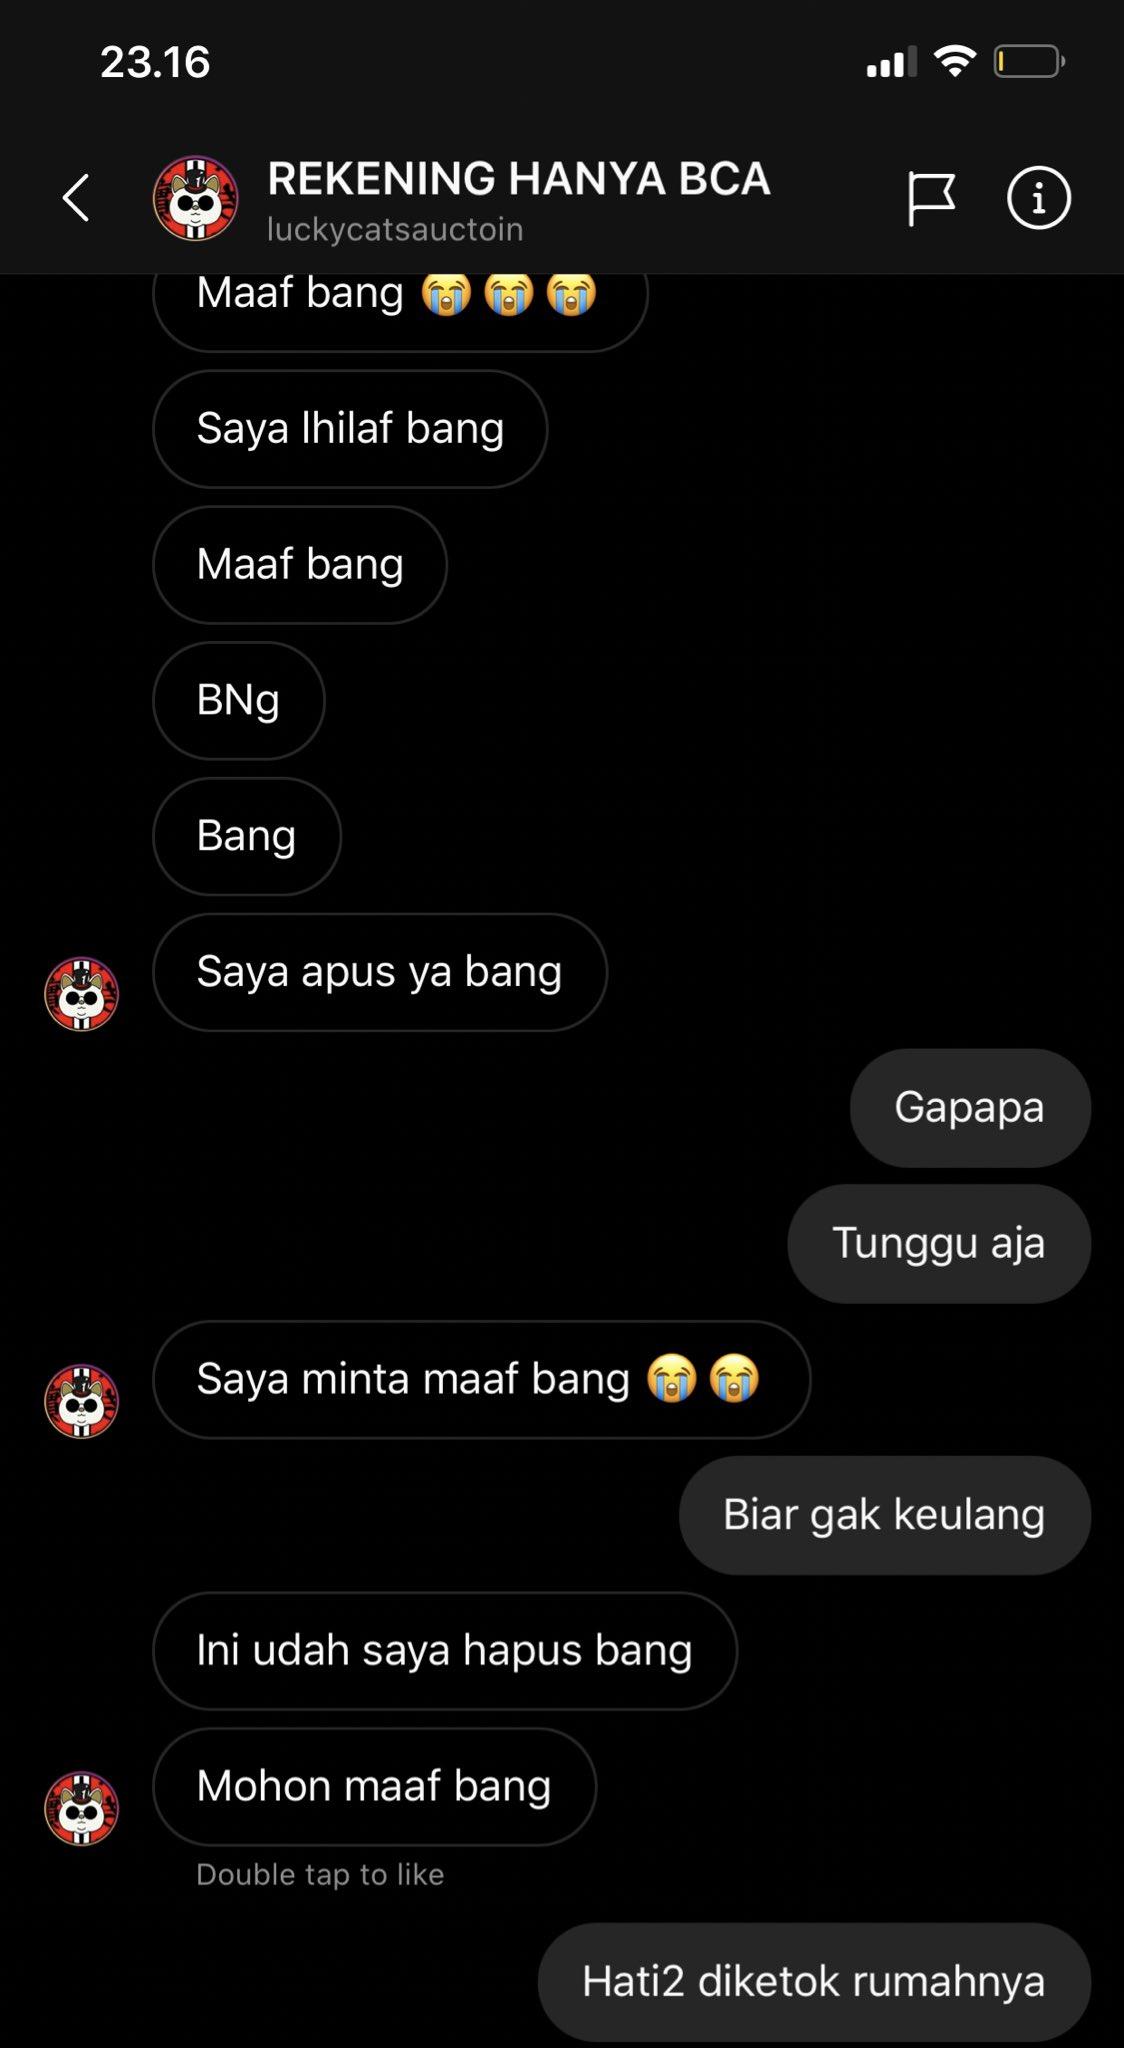 Percakapan Kaesang dengan si penipu via DM Instagram.